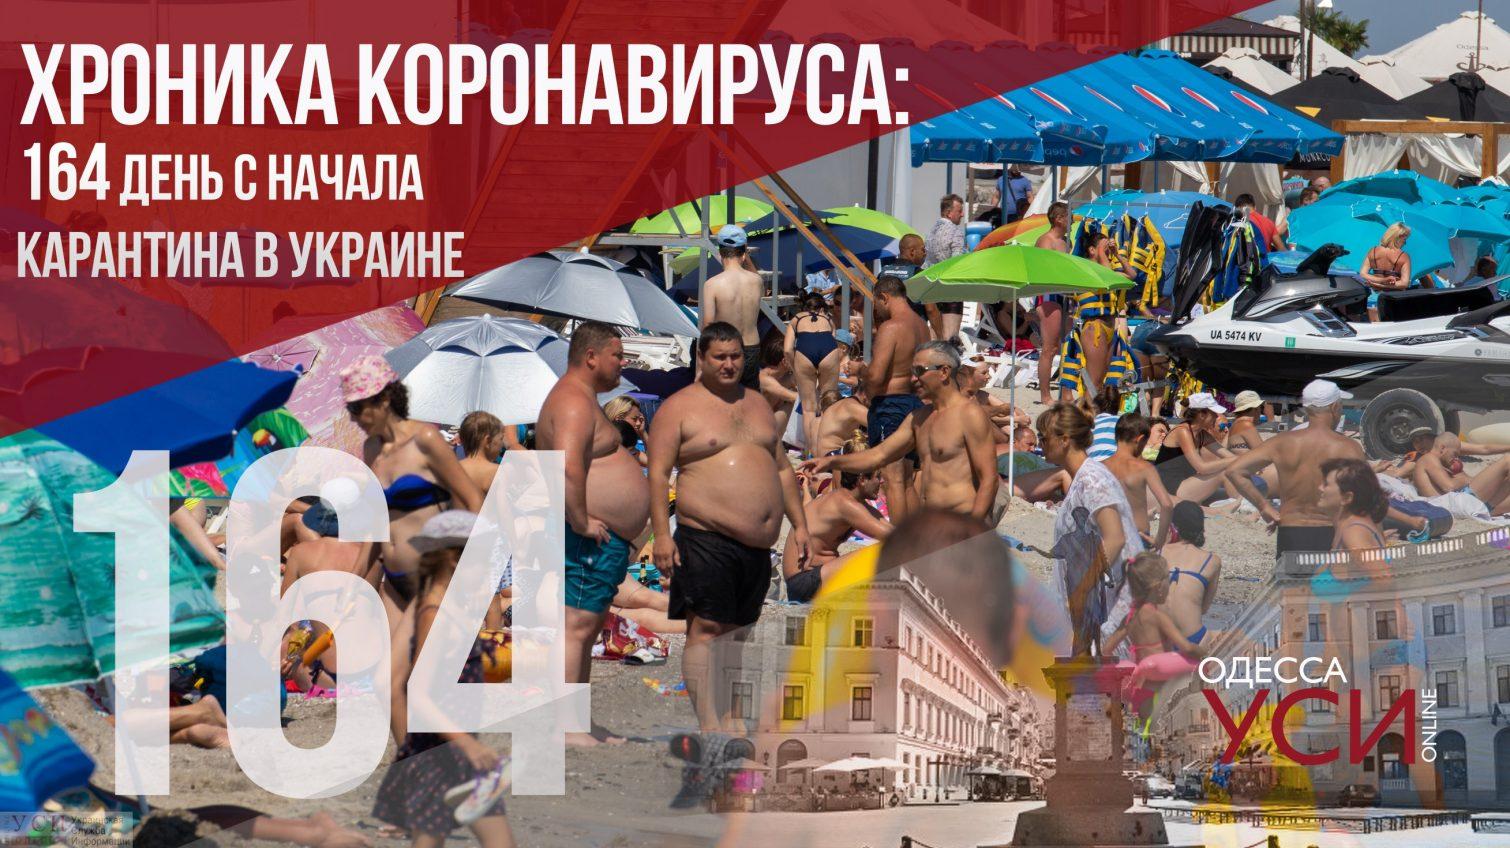 Хроника коронавируса: 164 день со дня начала карантина «фото»